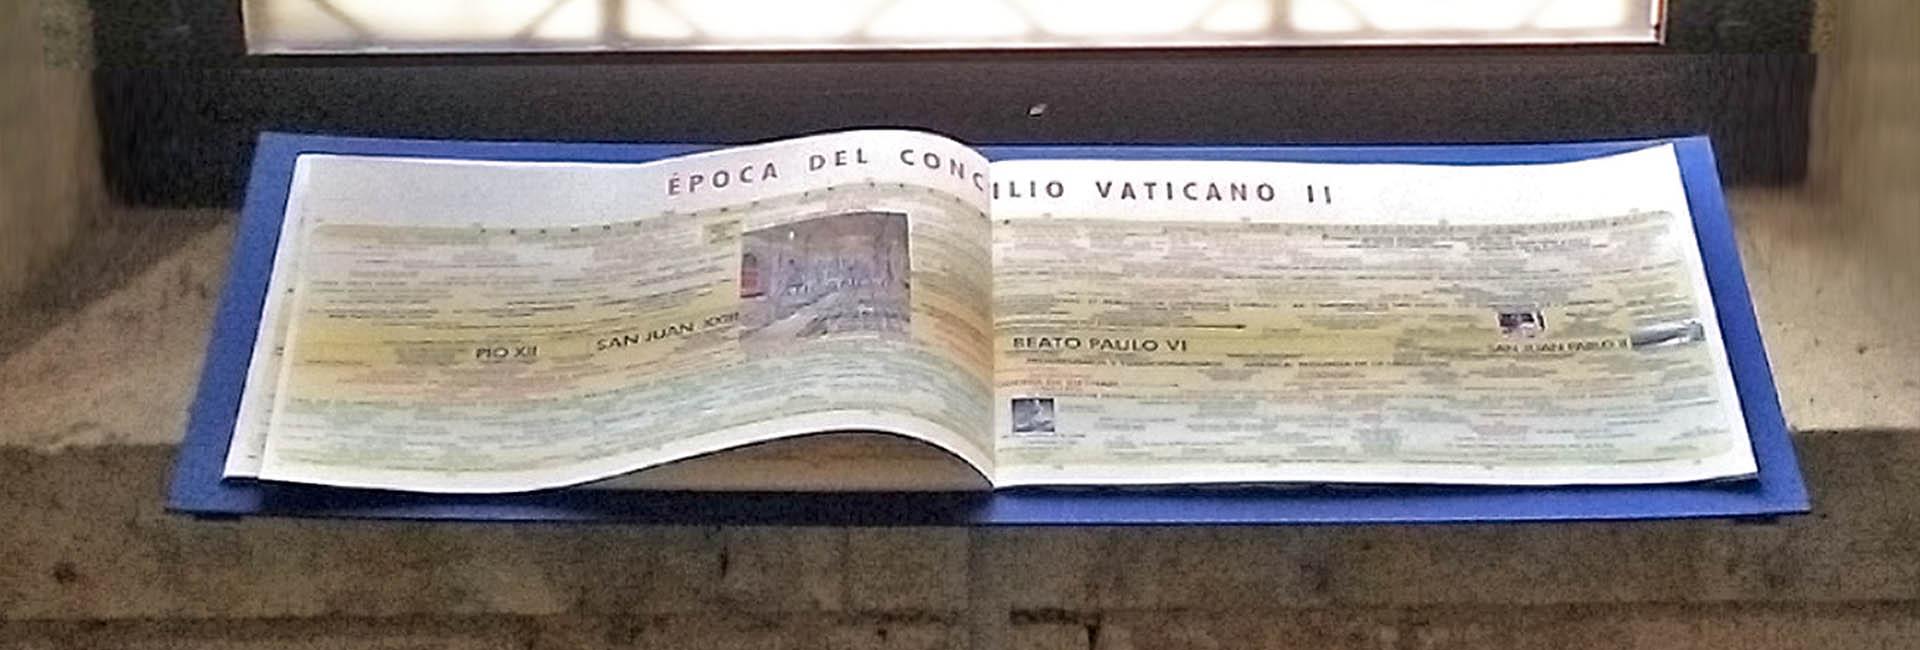 Tienda de recuerdos de la catedral de Salamanca.